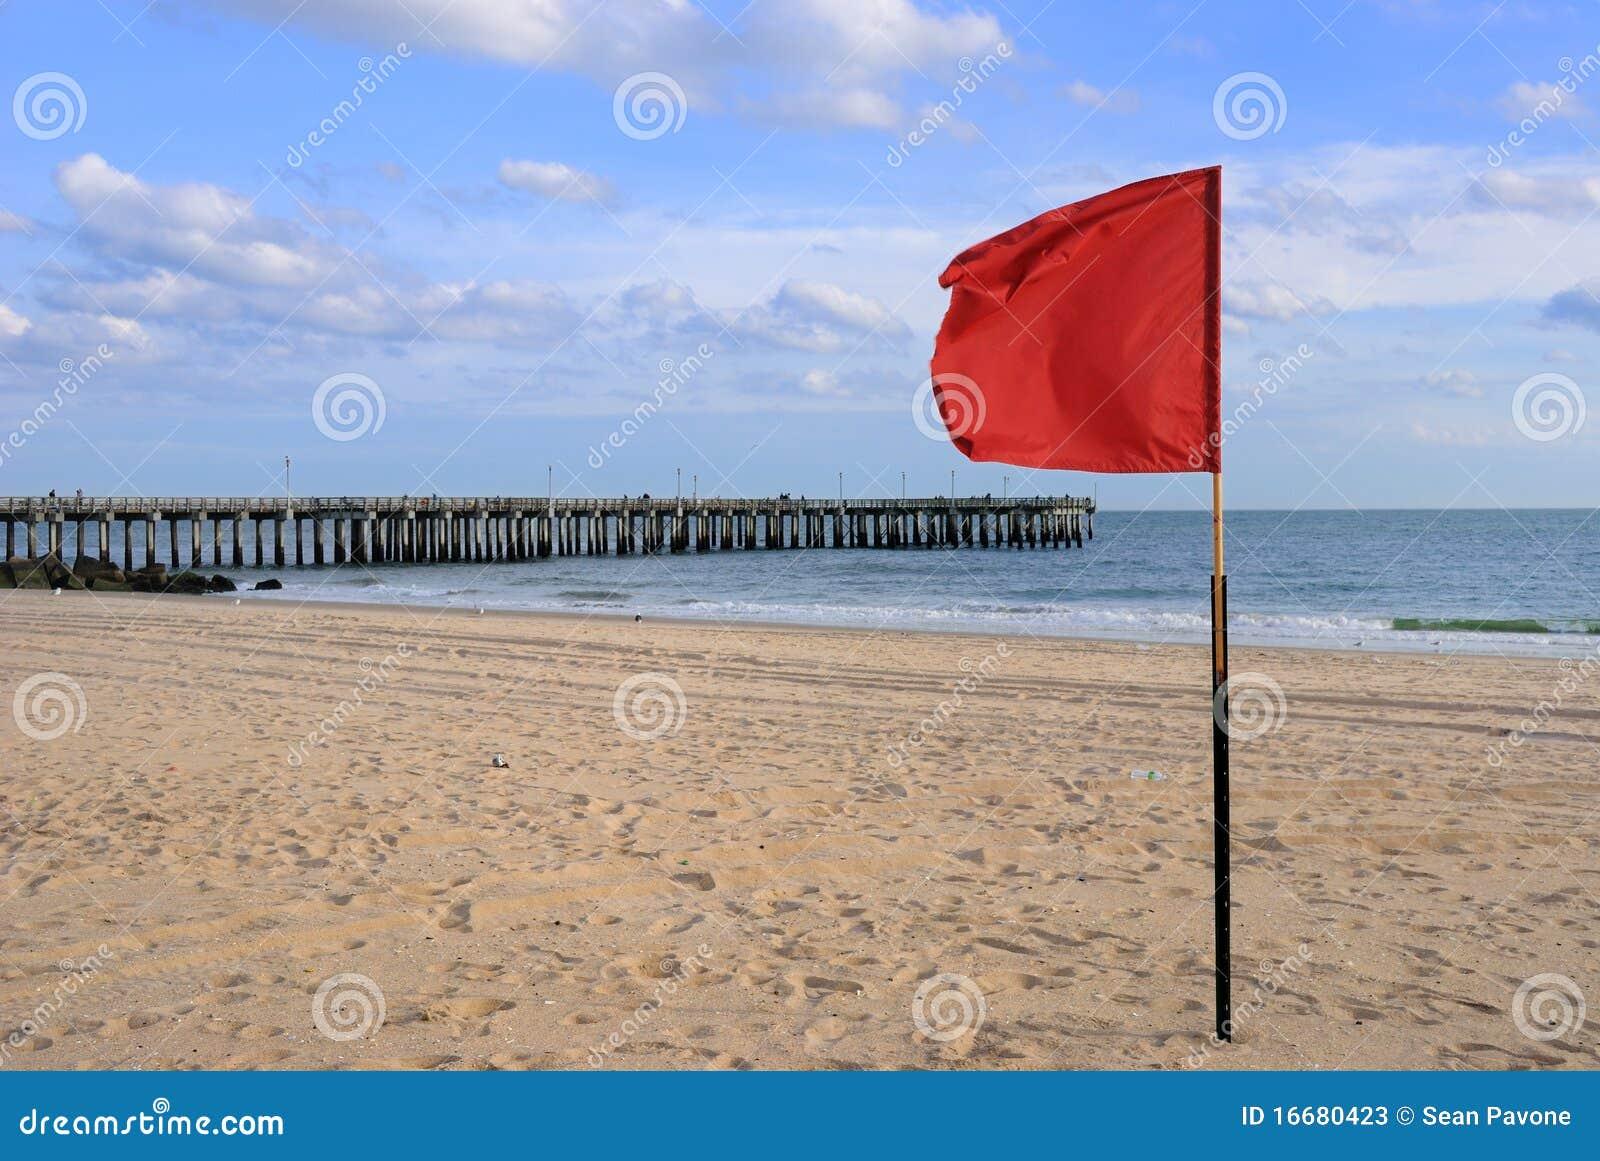 滩头识别旗红色